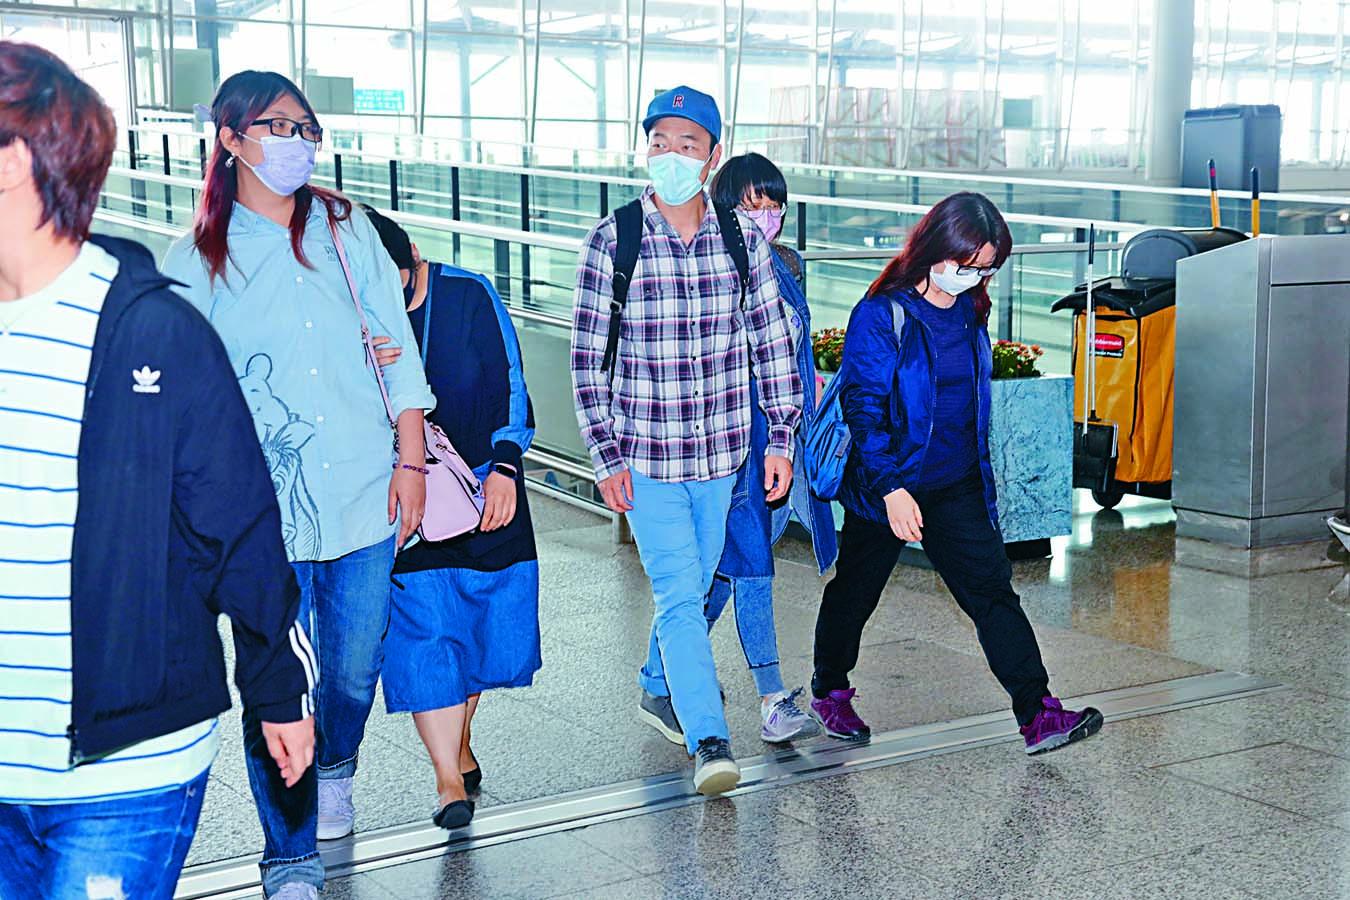 ■粉絲一早在機場等候,為偶像送行。